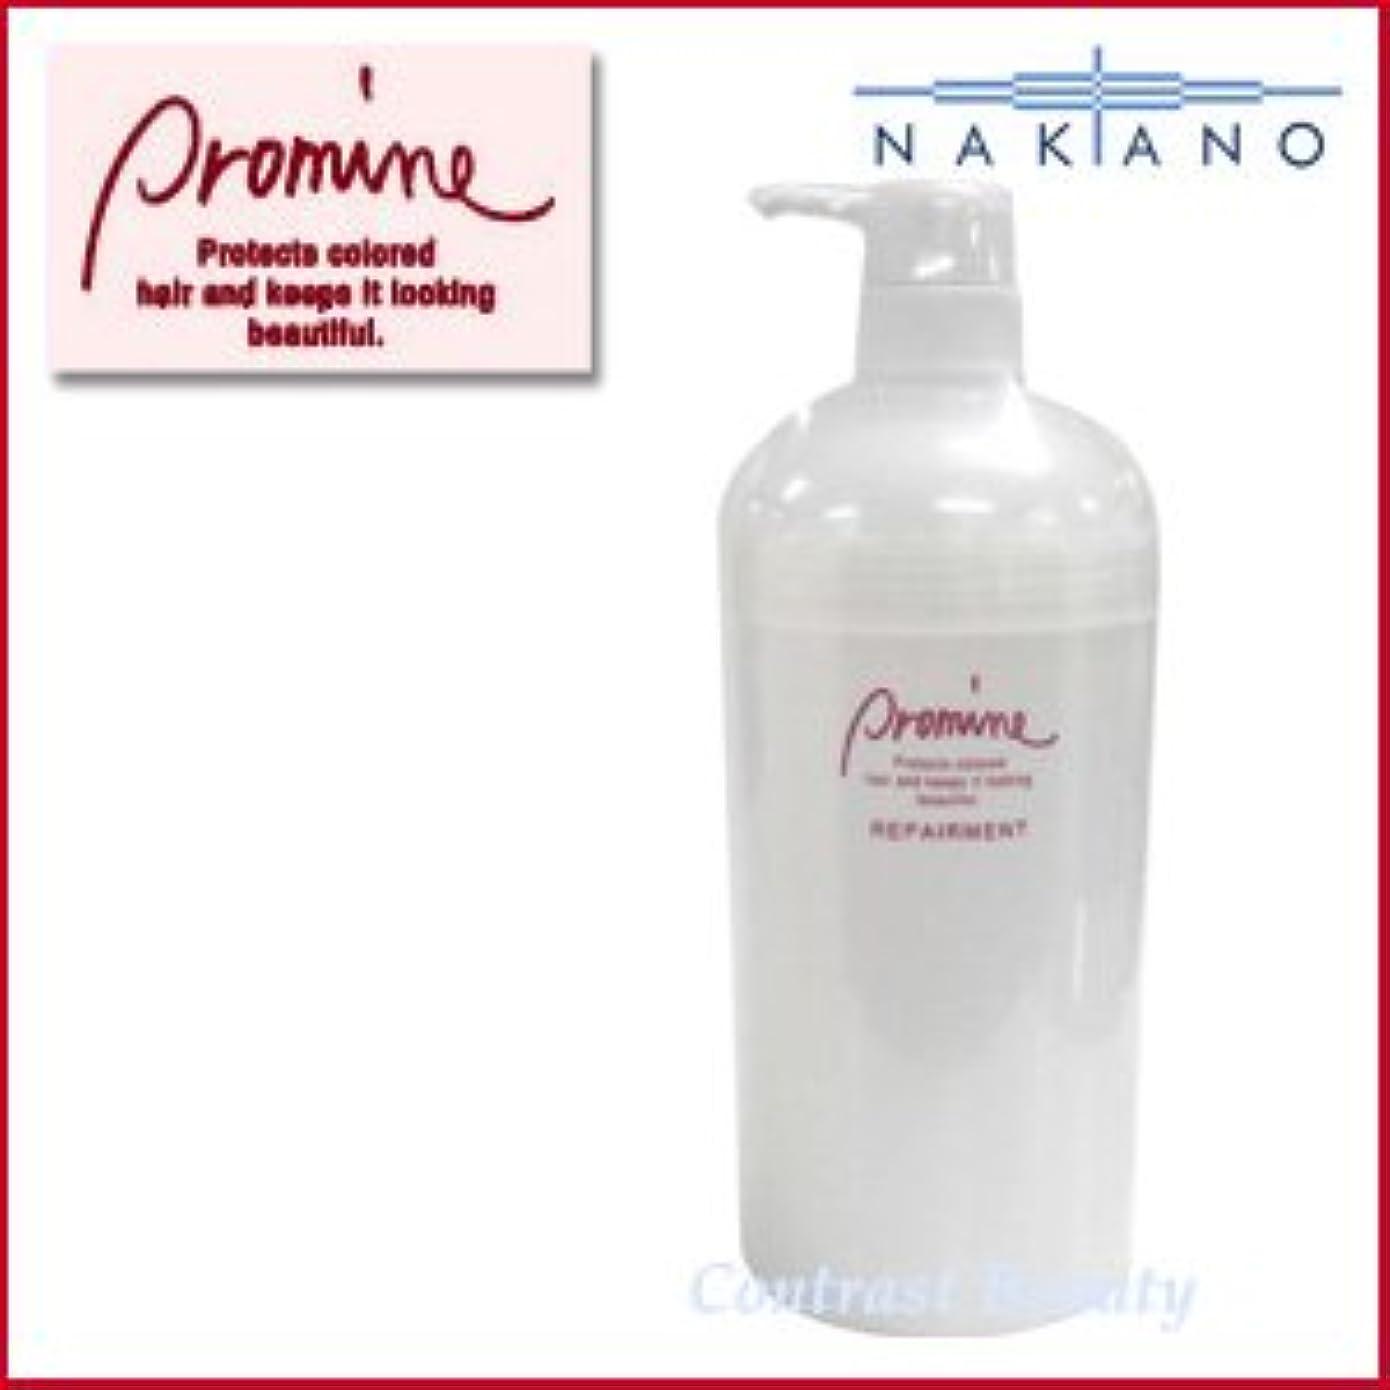 アルミニウム抵当財布【X5個セット】 ナカノ プロマイン リペアメント 670g 【ヘアケア Hair care 中野製薬株式会社 NAKANO】